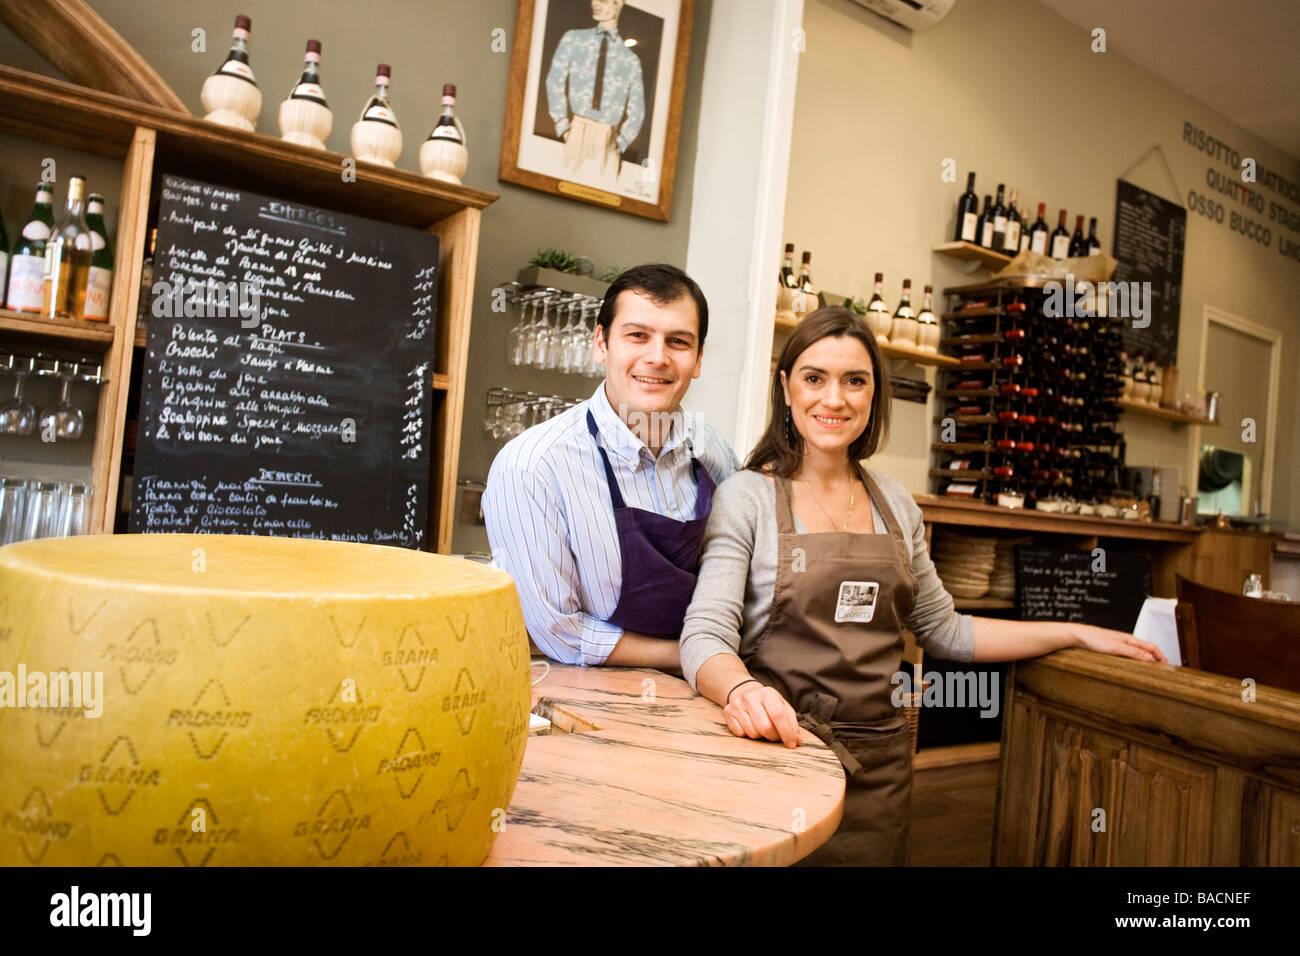 https www alamyimages fr photo image france bouches du rhone marseille la cantinetta dans 24 cours julien trendy restaurant italien stephanie nardoca et chef 23637223 html